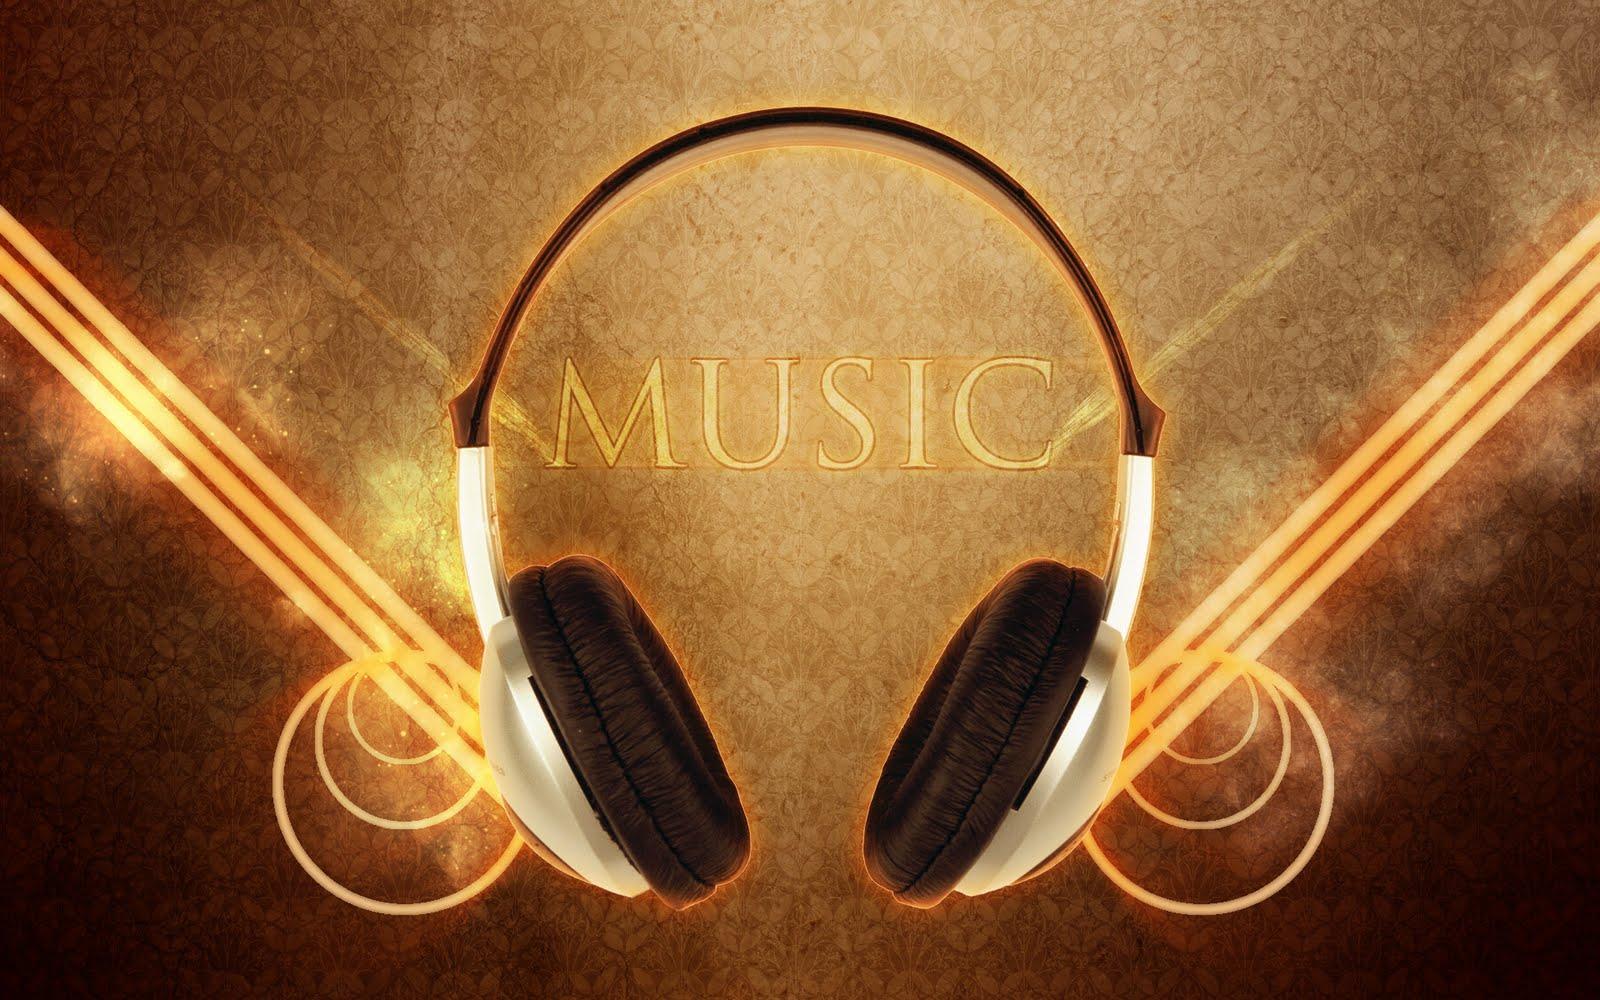 http://4.bp.blogspot.com/_3hDctr4ETjg/TUYwgPpHQrI/AAAAAAAAAUo/EWOWcM9zP8M/s1600/Music-wallpaper.jpg